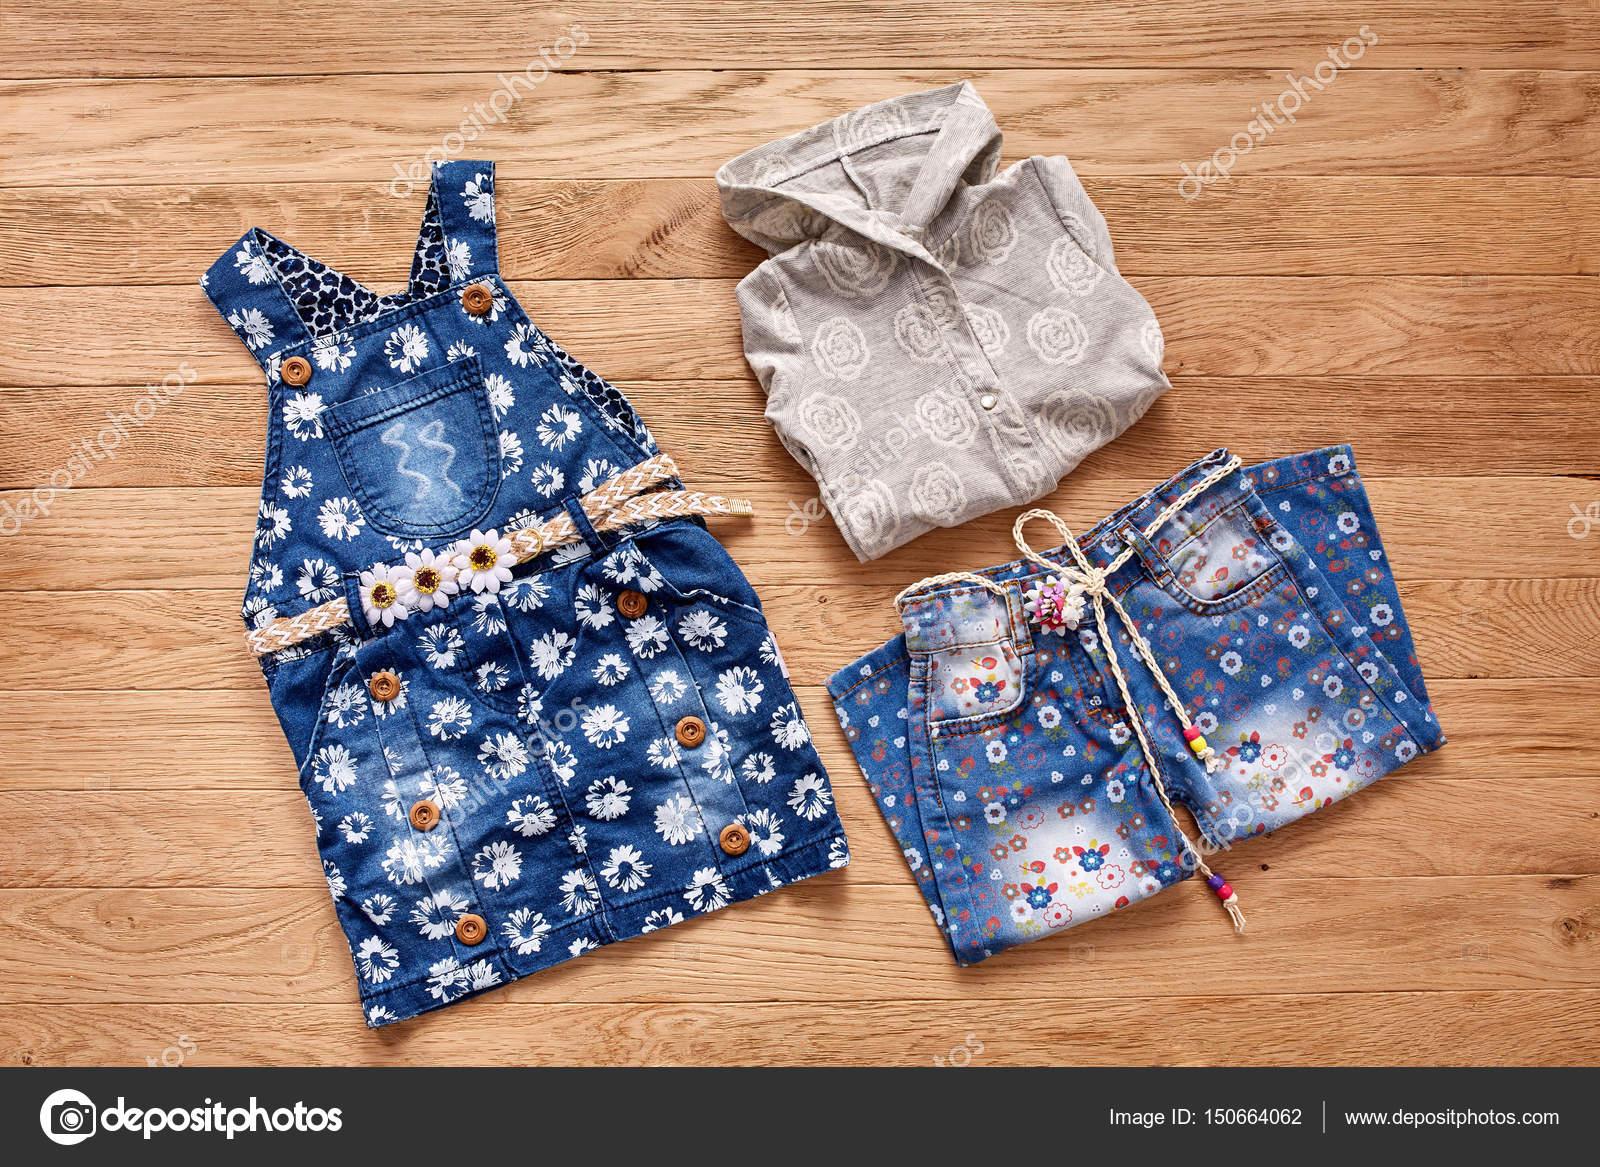 dd7f43ed6d1 Παιδικά τζιν, μπουφάν και τζιν φόρεμα σε φόντο ξύλινη — Φωτογραφία Αρχείου